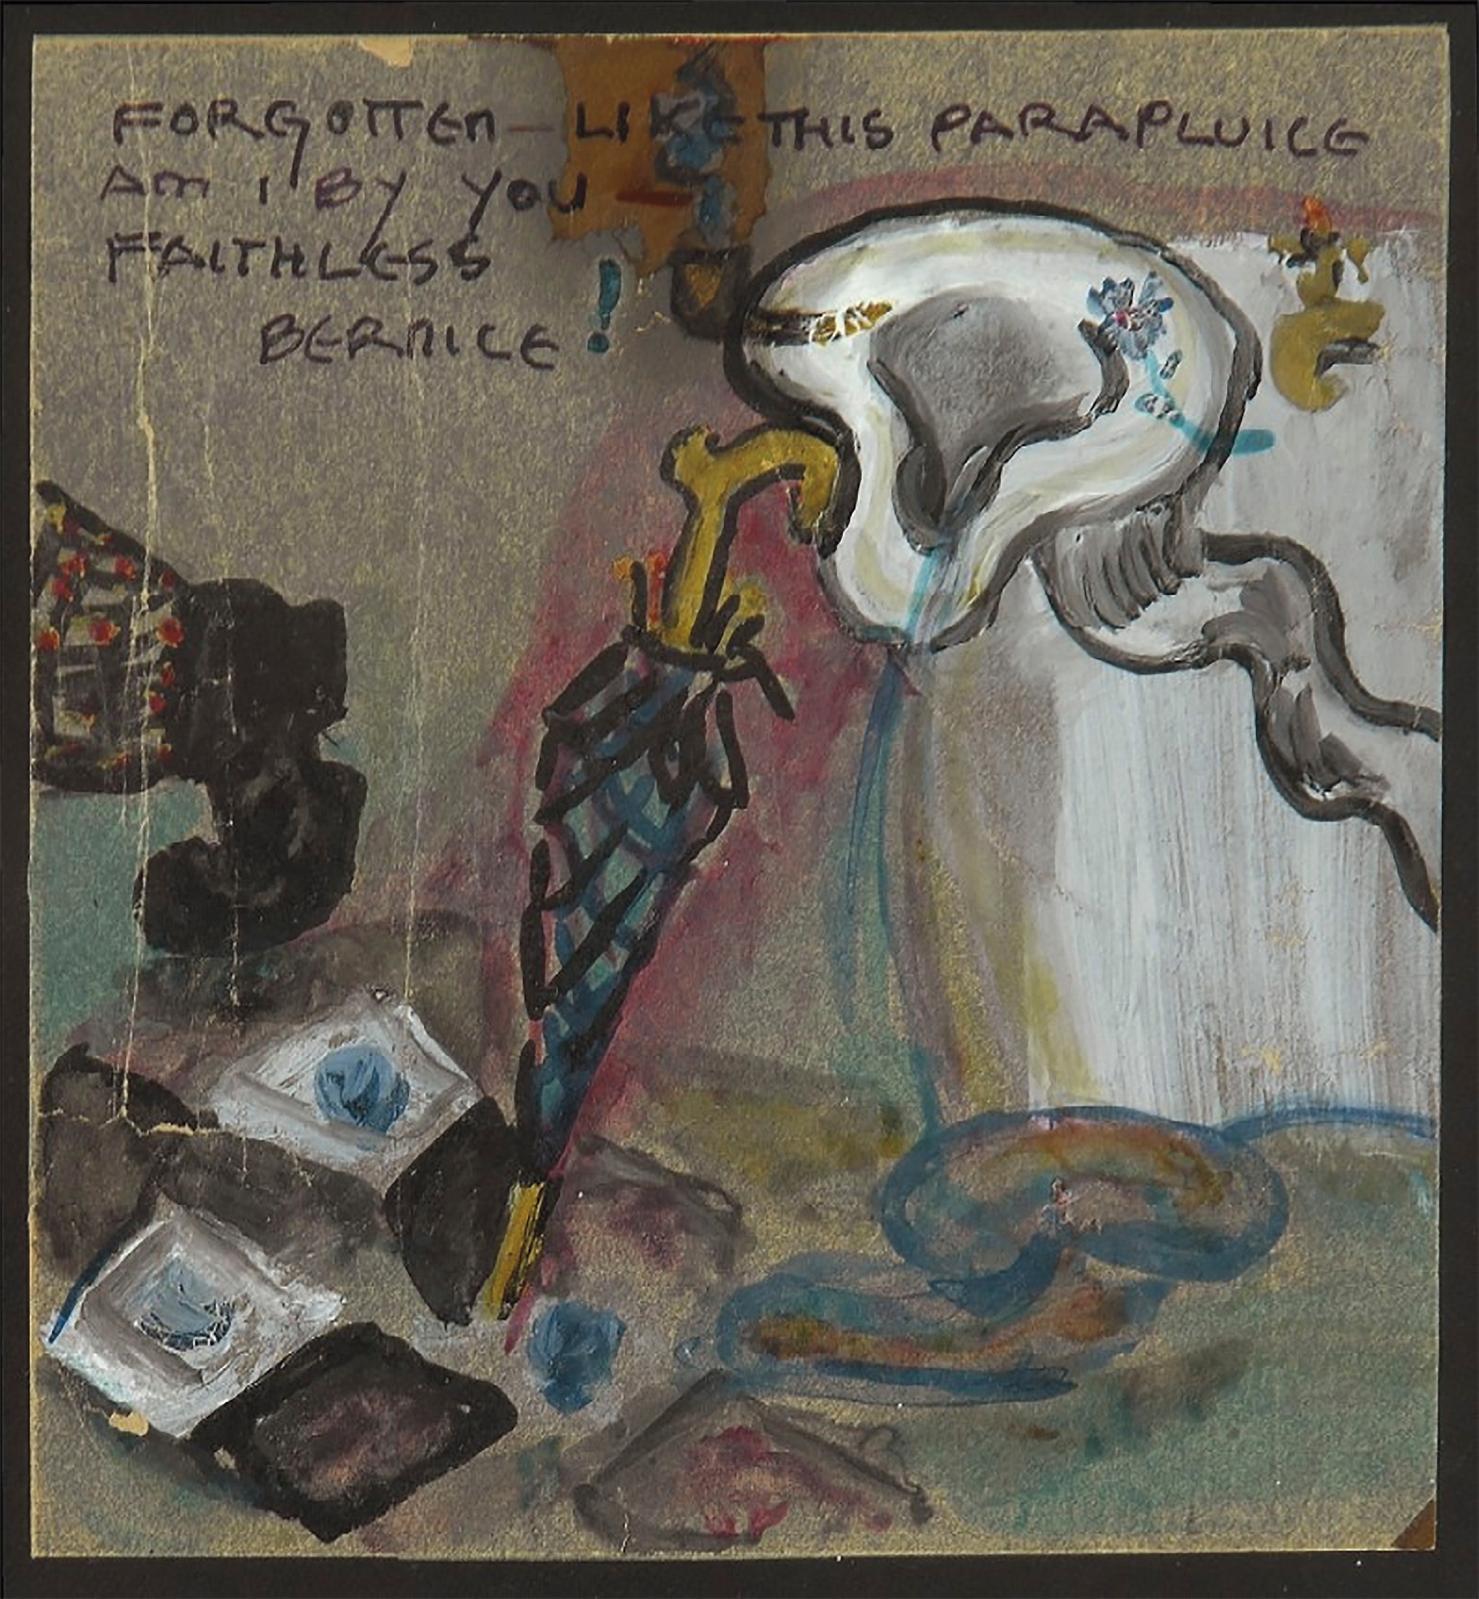 Elsa von Freytag-Loringhoven, Forgotten Like this Parapluice am I by You Faithless Bernice, 1923-1924, gouache sur papier, 13,2x10,4cm.